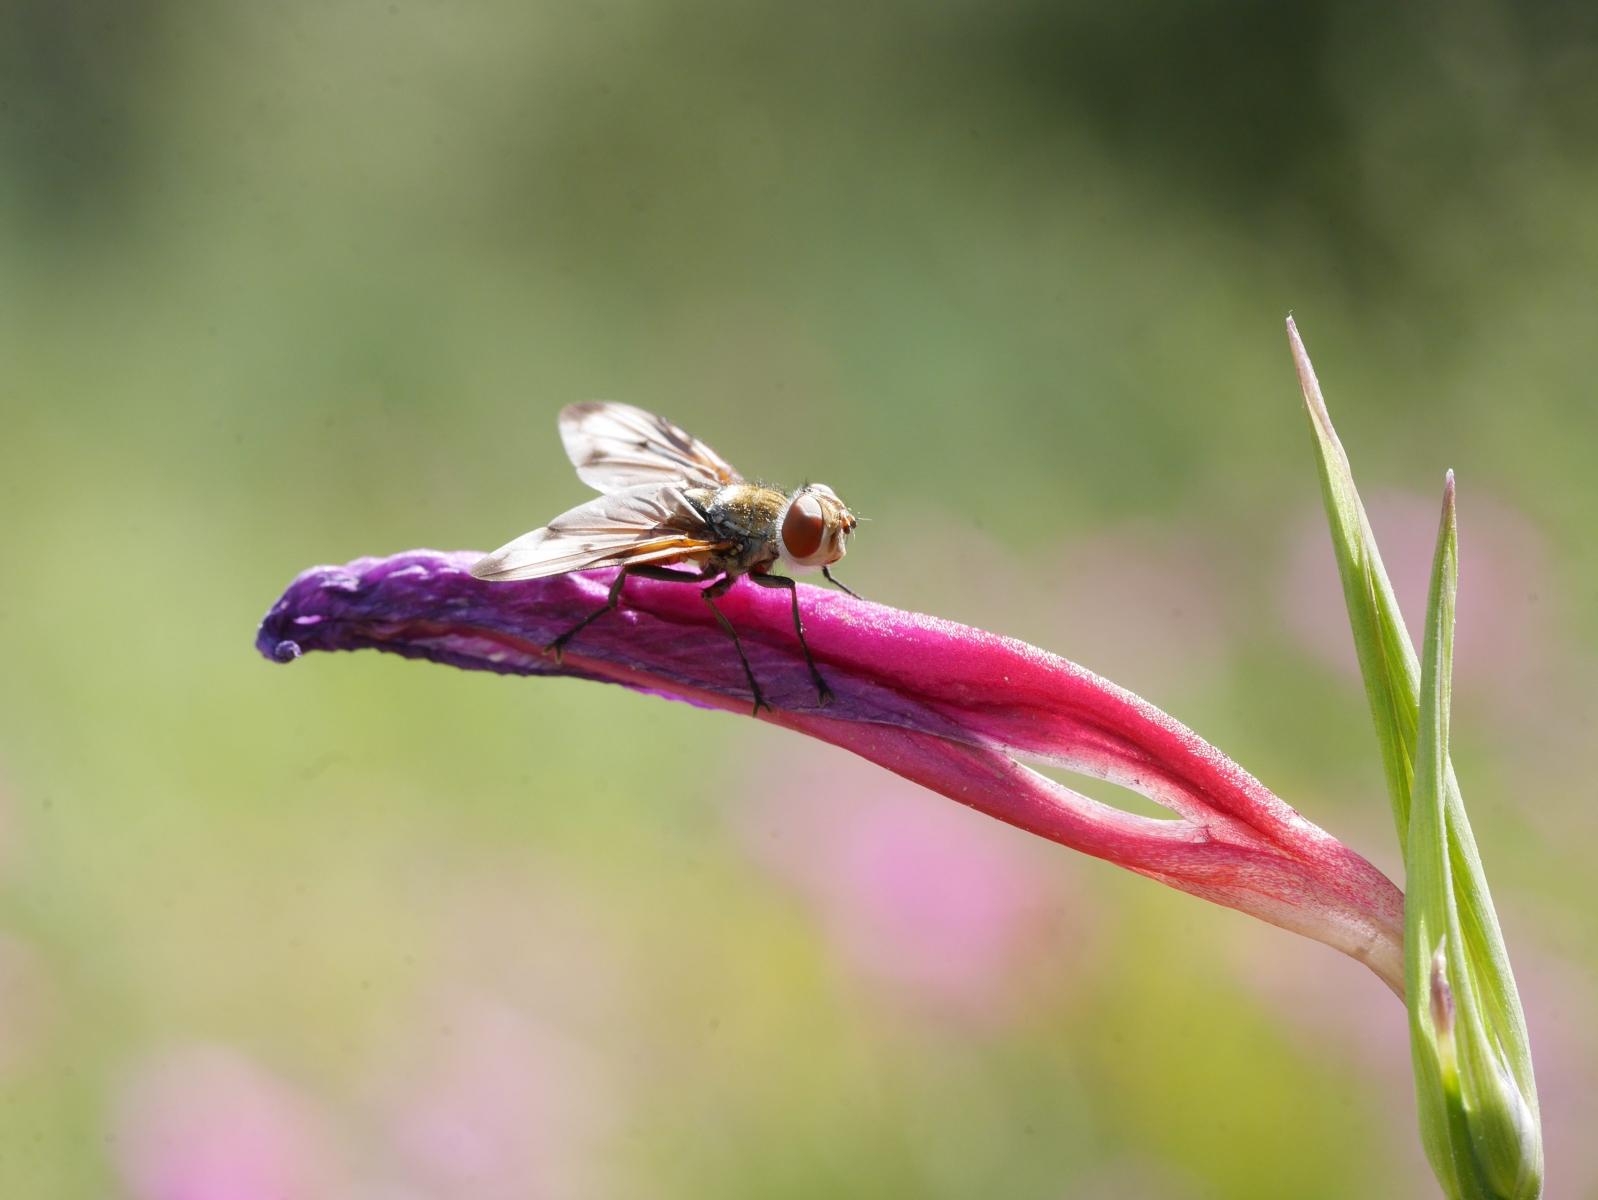 Dieses fliegenähnliche Insekt sieht aus, als wenn es auf der Blüte reiten würde. Dabei war es ganz still und ich hatte viel Zeit für die Einstellung des Objektives.